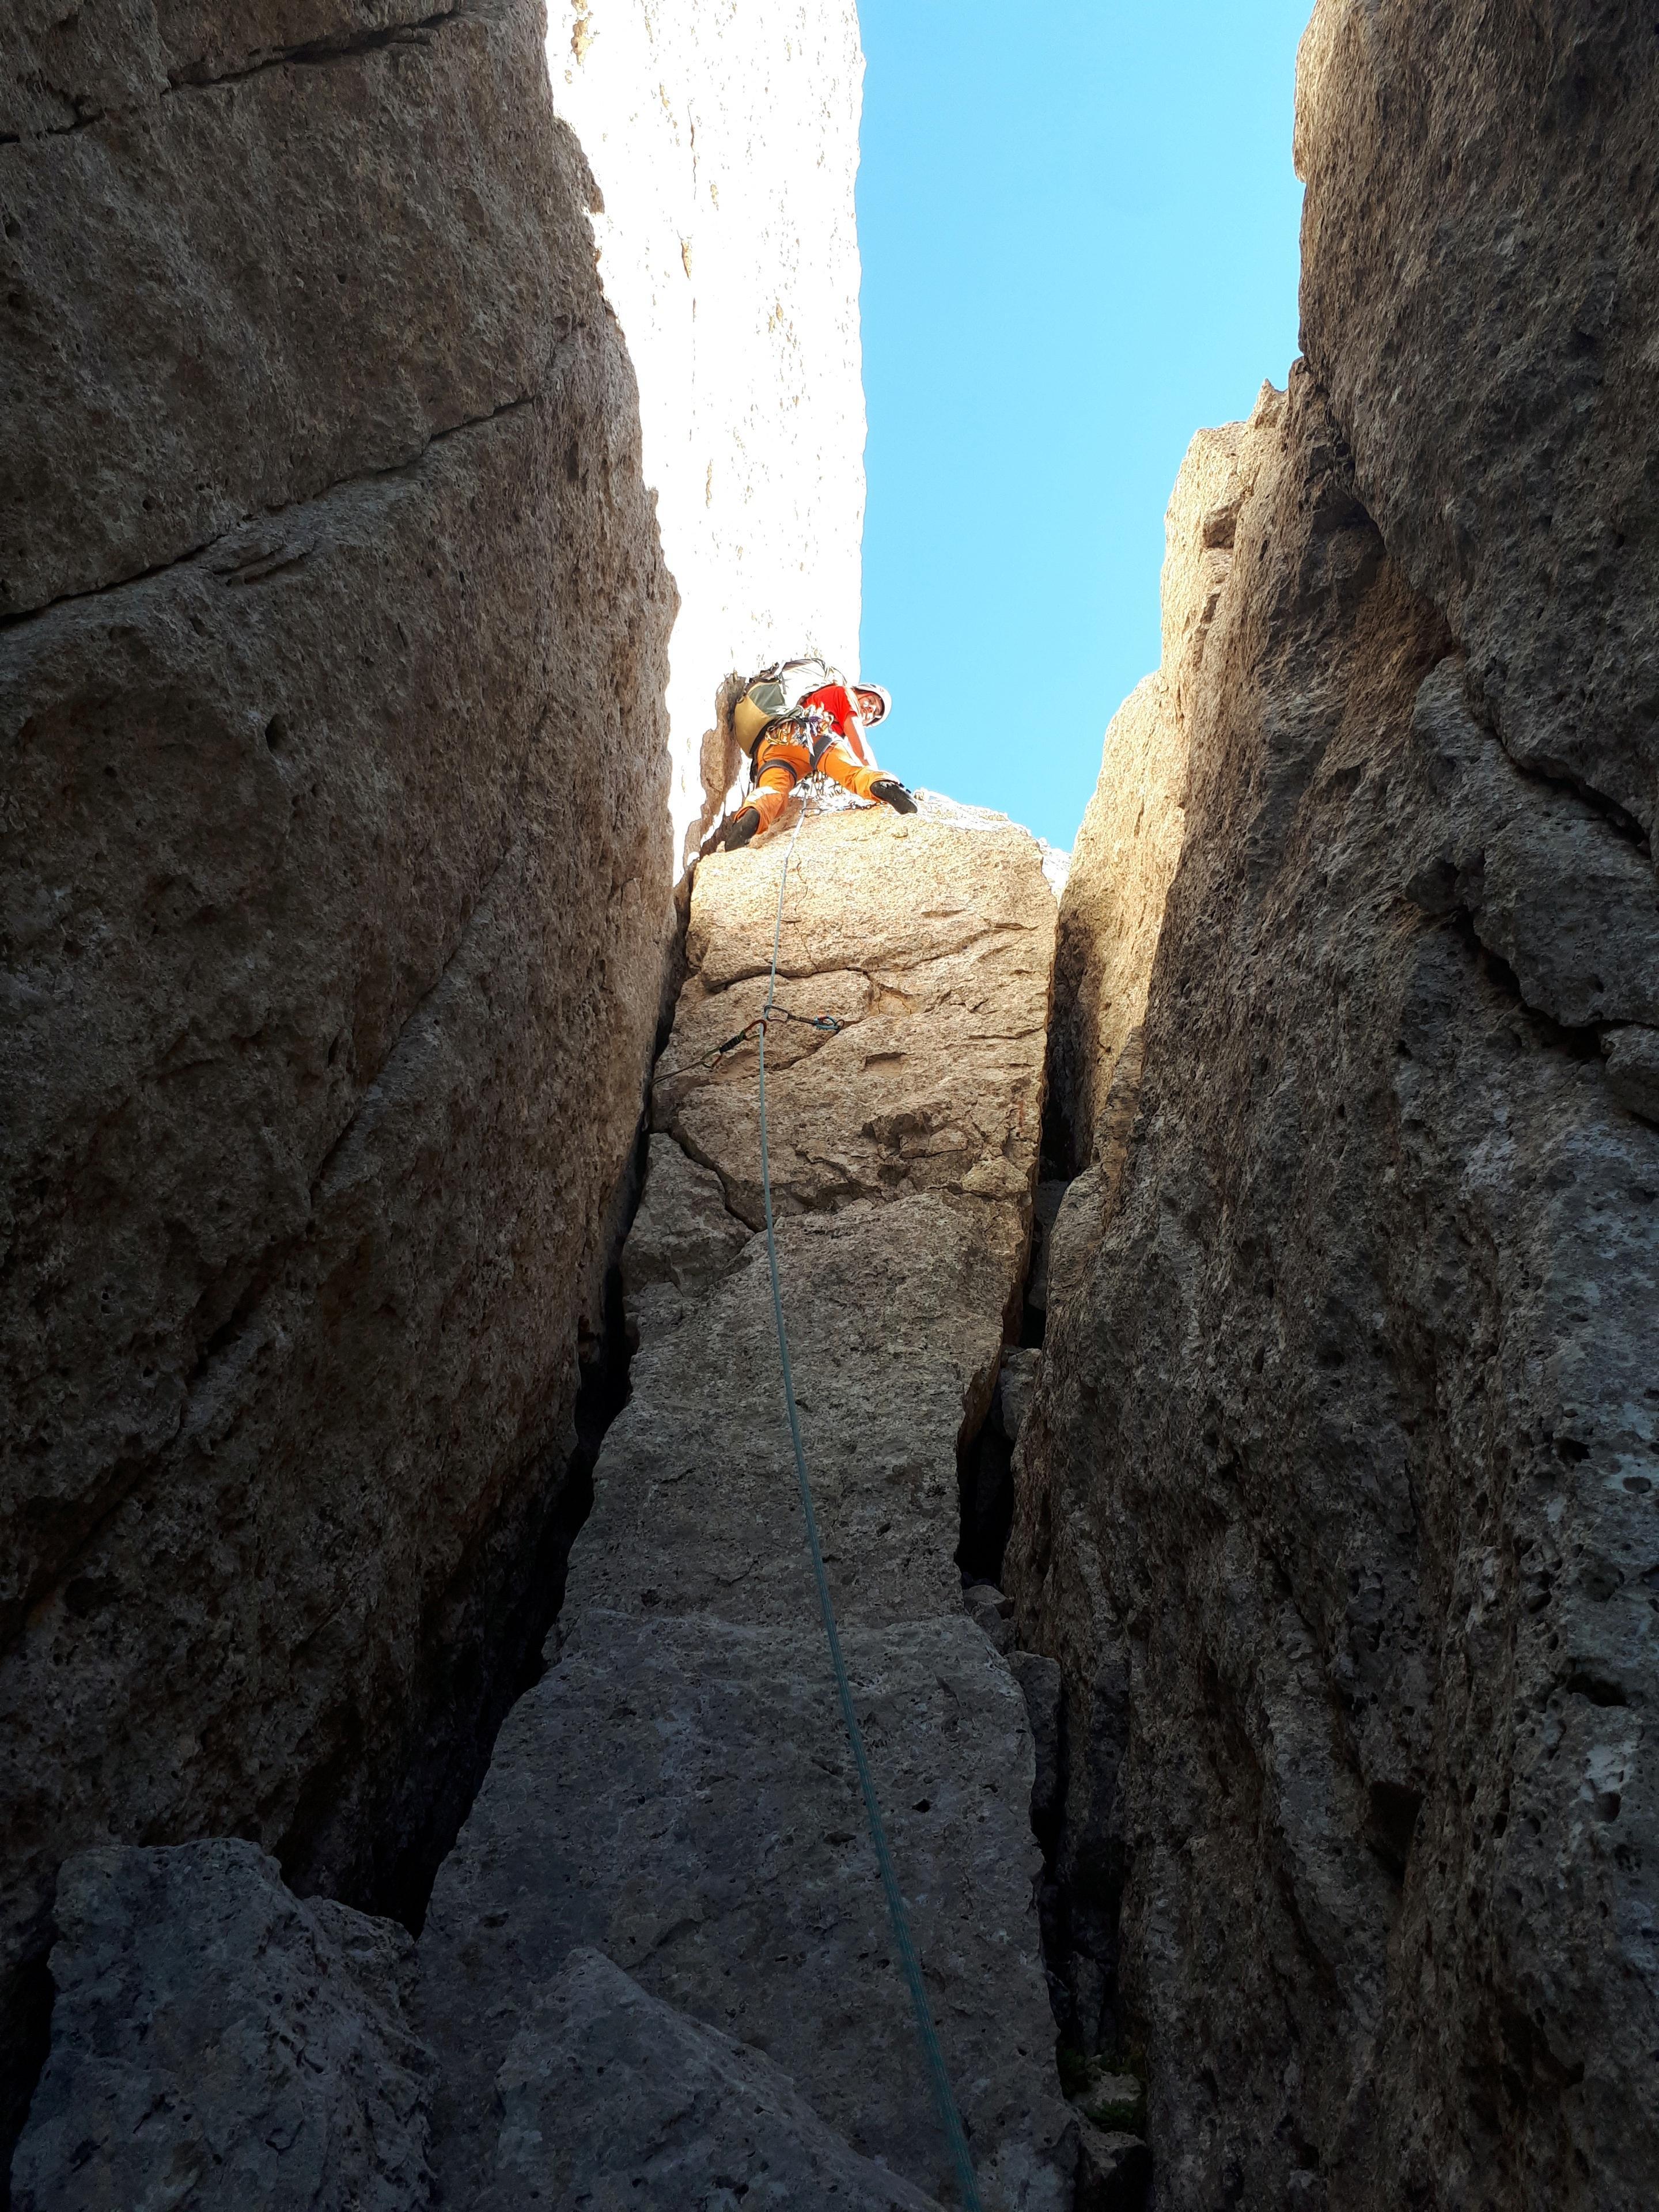 il muretto che bisogna superare per passare sulla cengia del versante opposto, il punto più ostico della Via